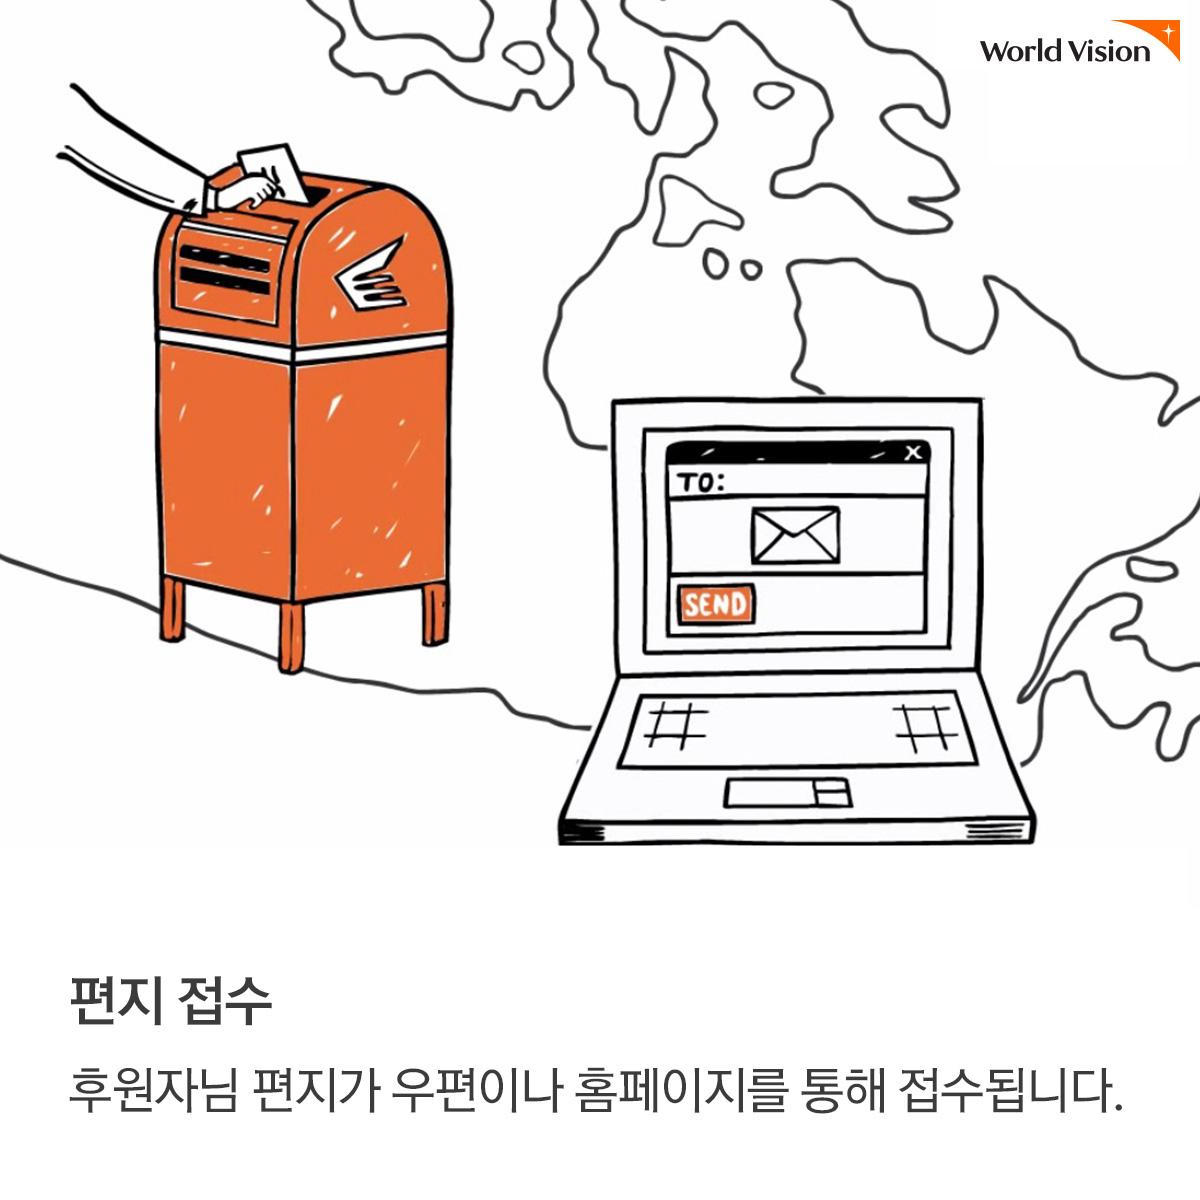 편지 접수:후원자님 편지가 우편이나 홈페이지를 통해 접수됩니다.